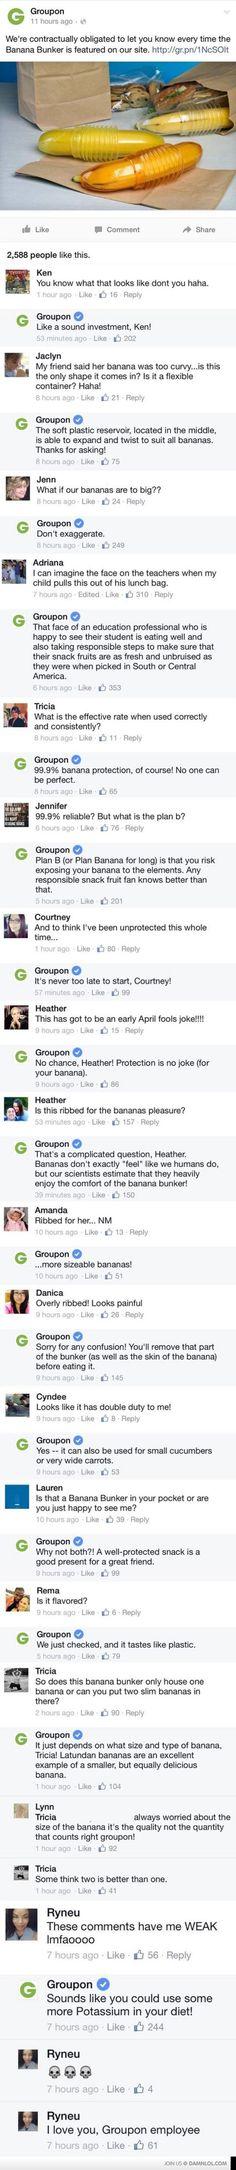 The Banana Bunker